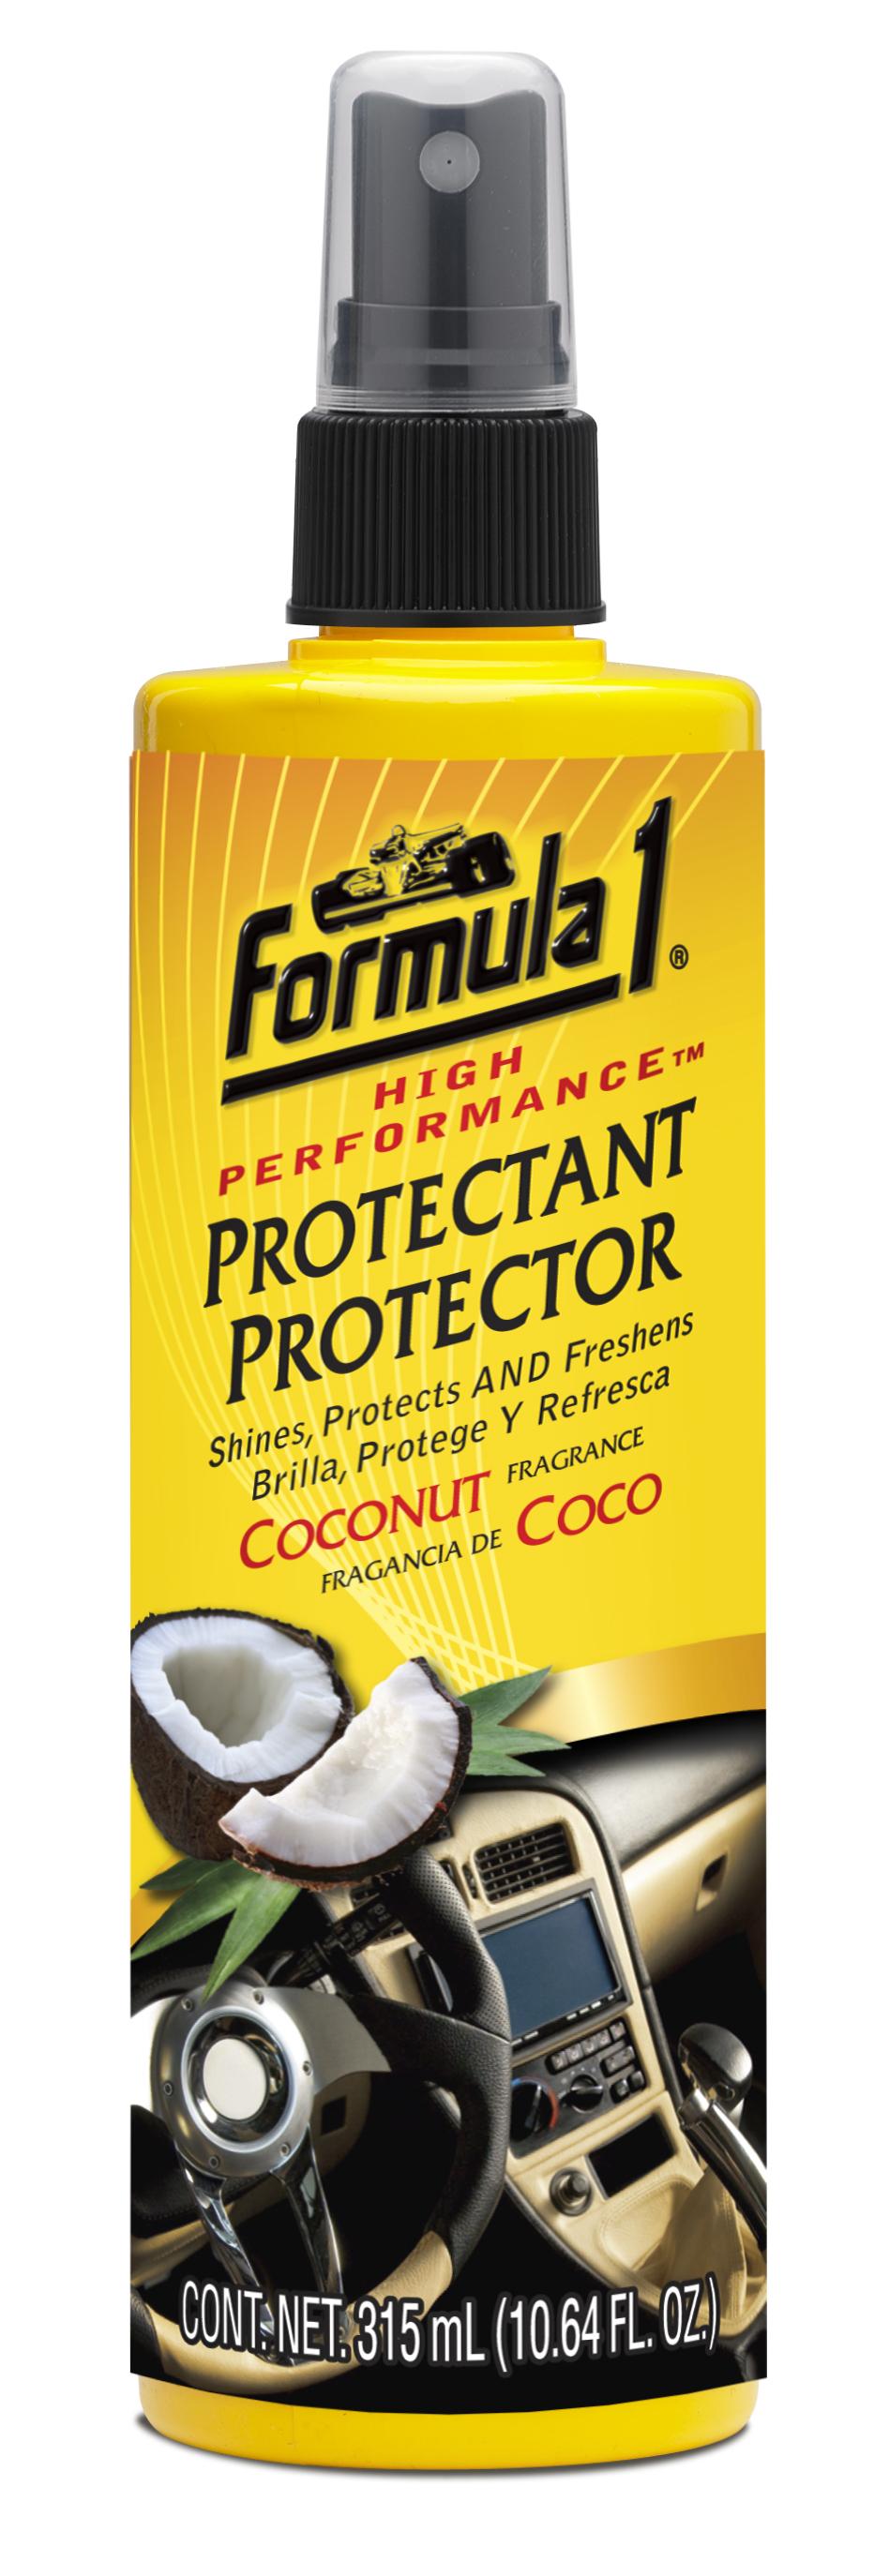 Спрей за табло кокос 314 ml FORMULA 1